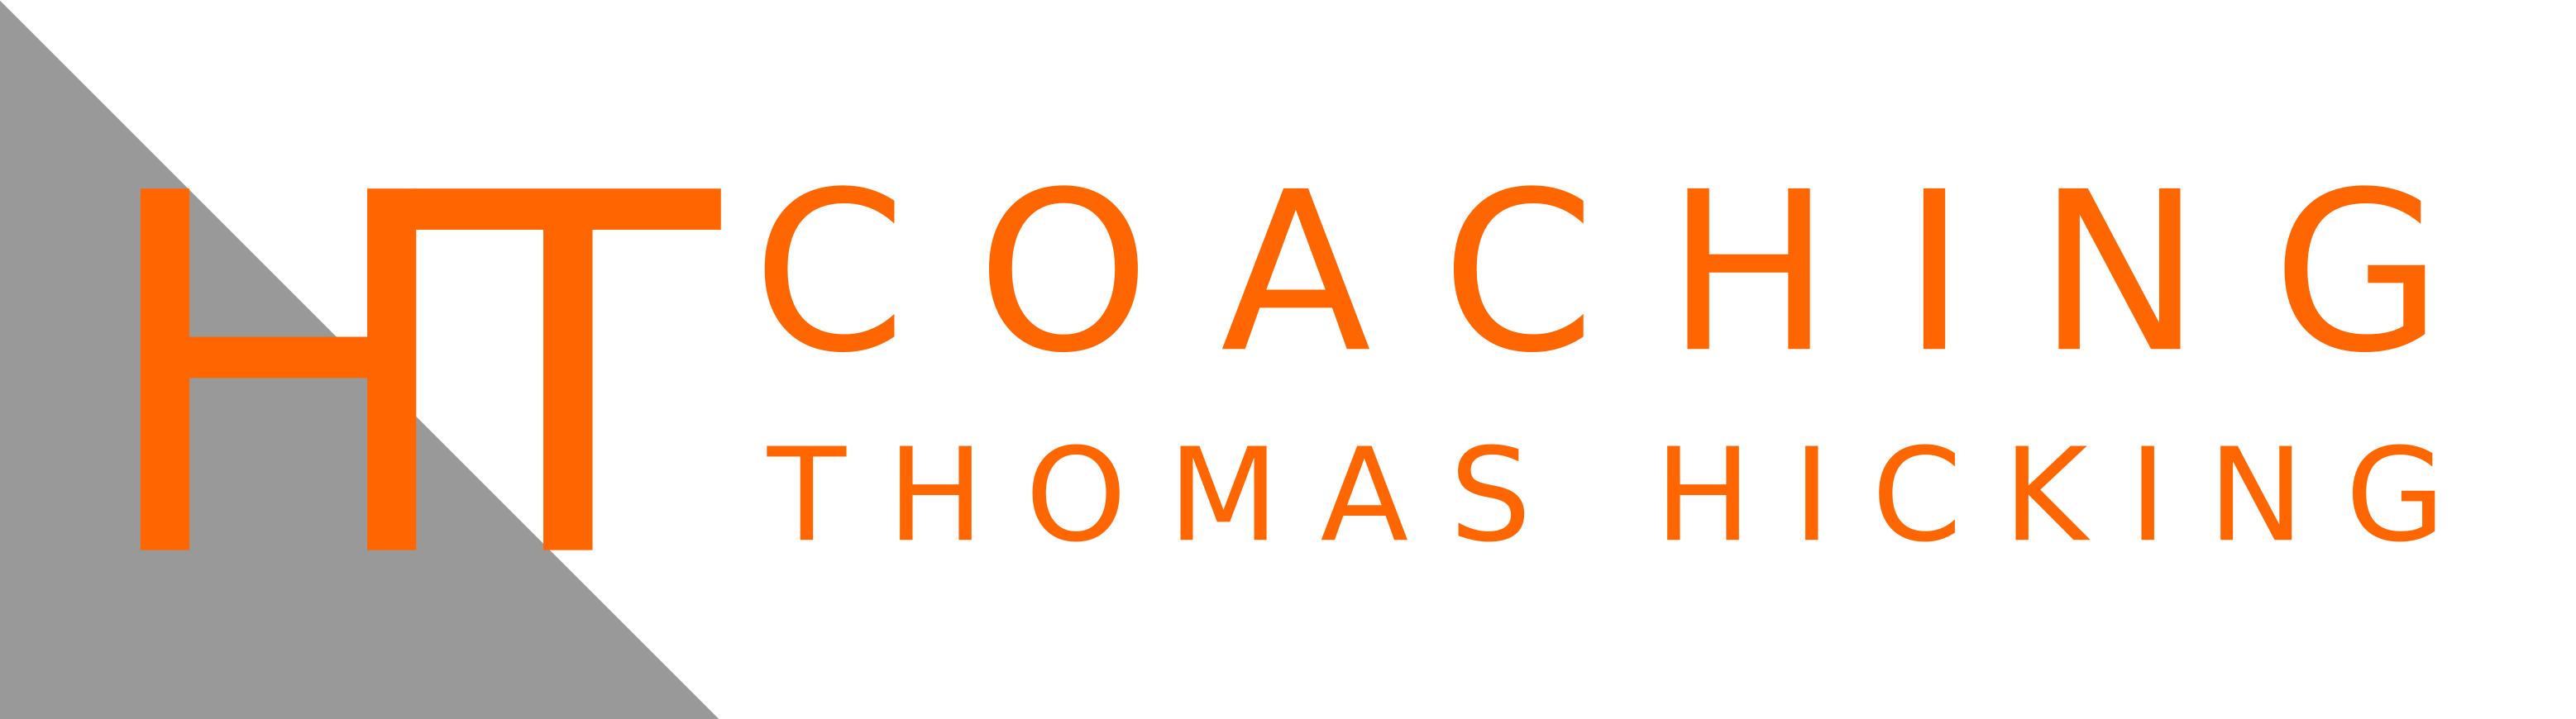 HT Coaching Thomas Hicking